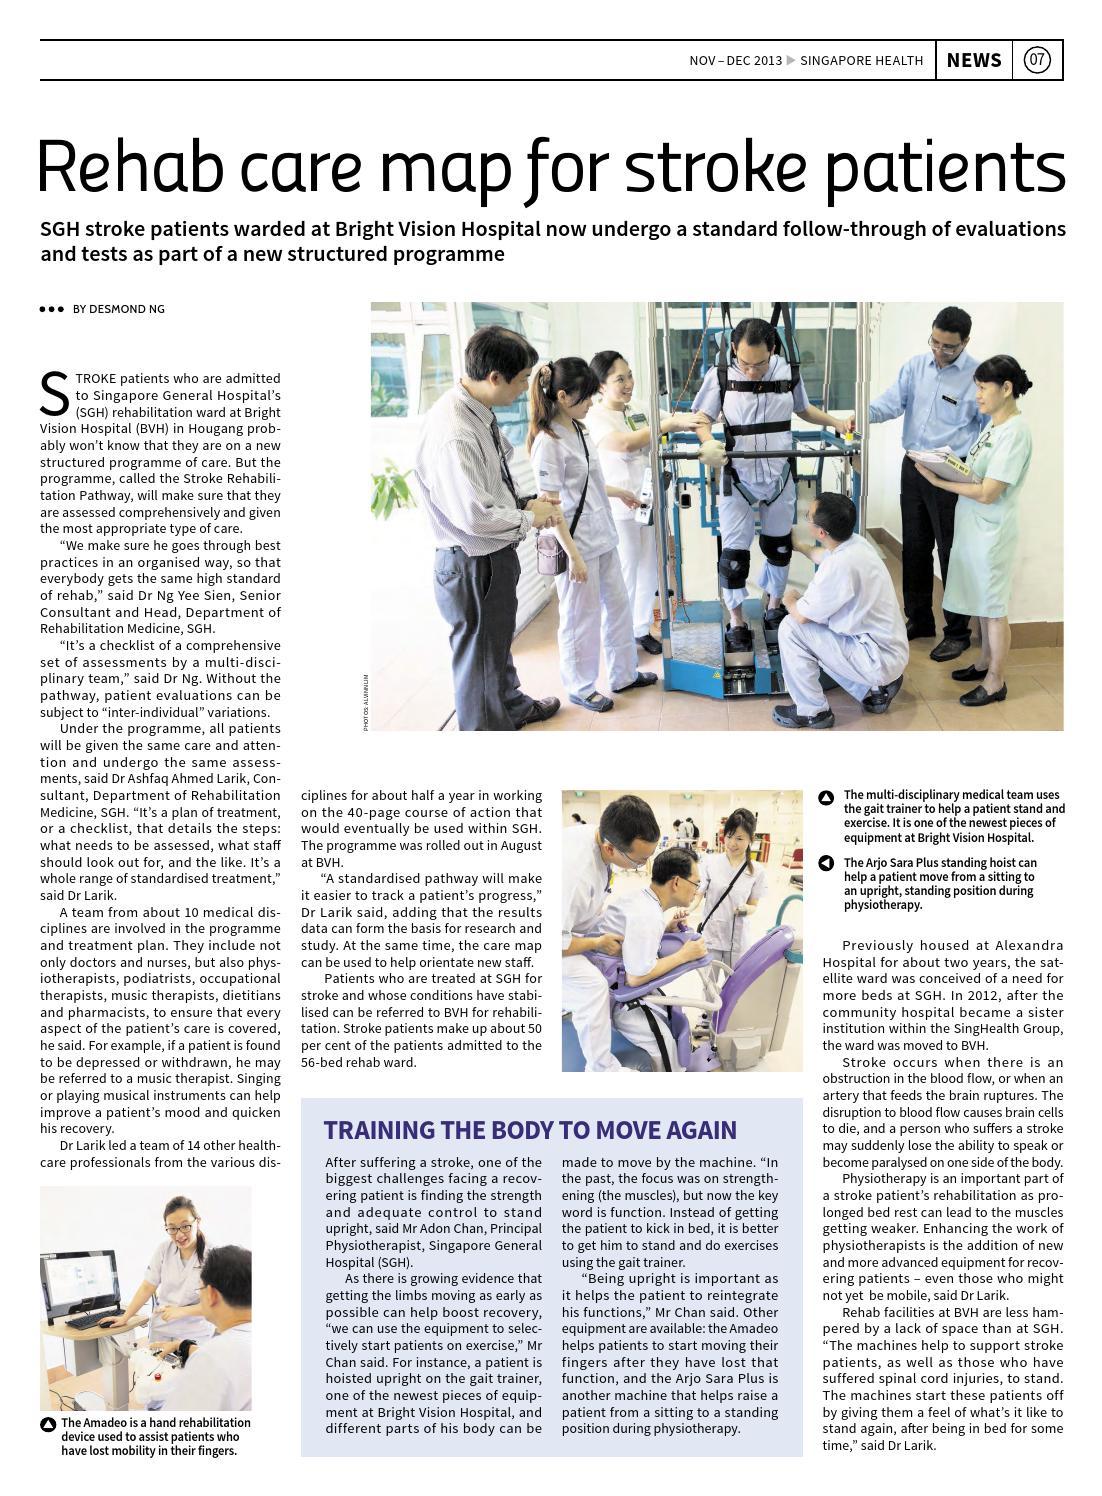 Singapore Health Nov/Dec 2013